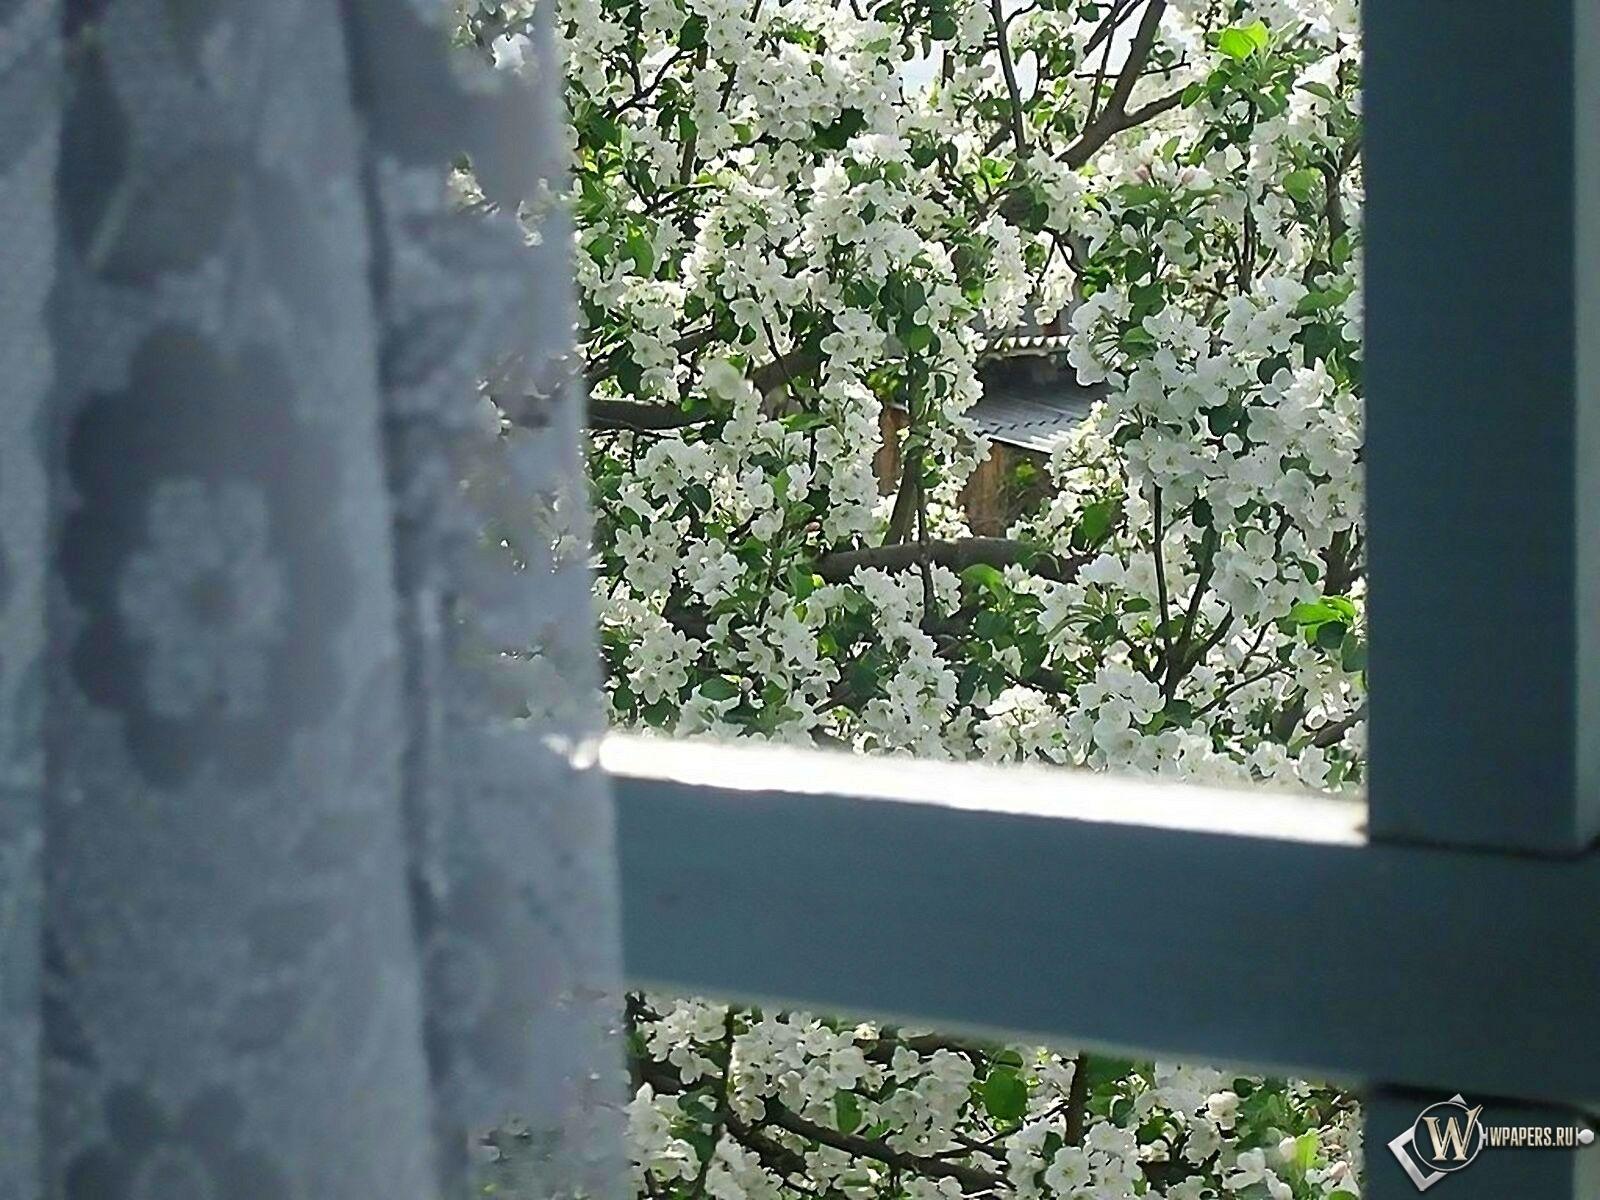 Яблоня за окном 1600x1200